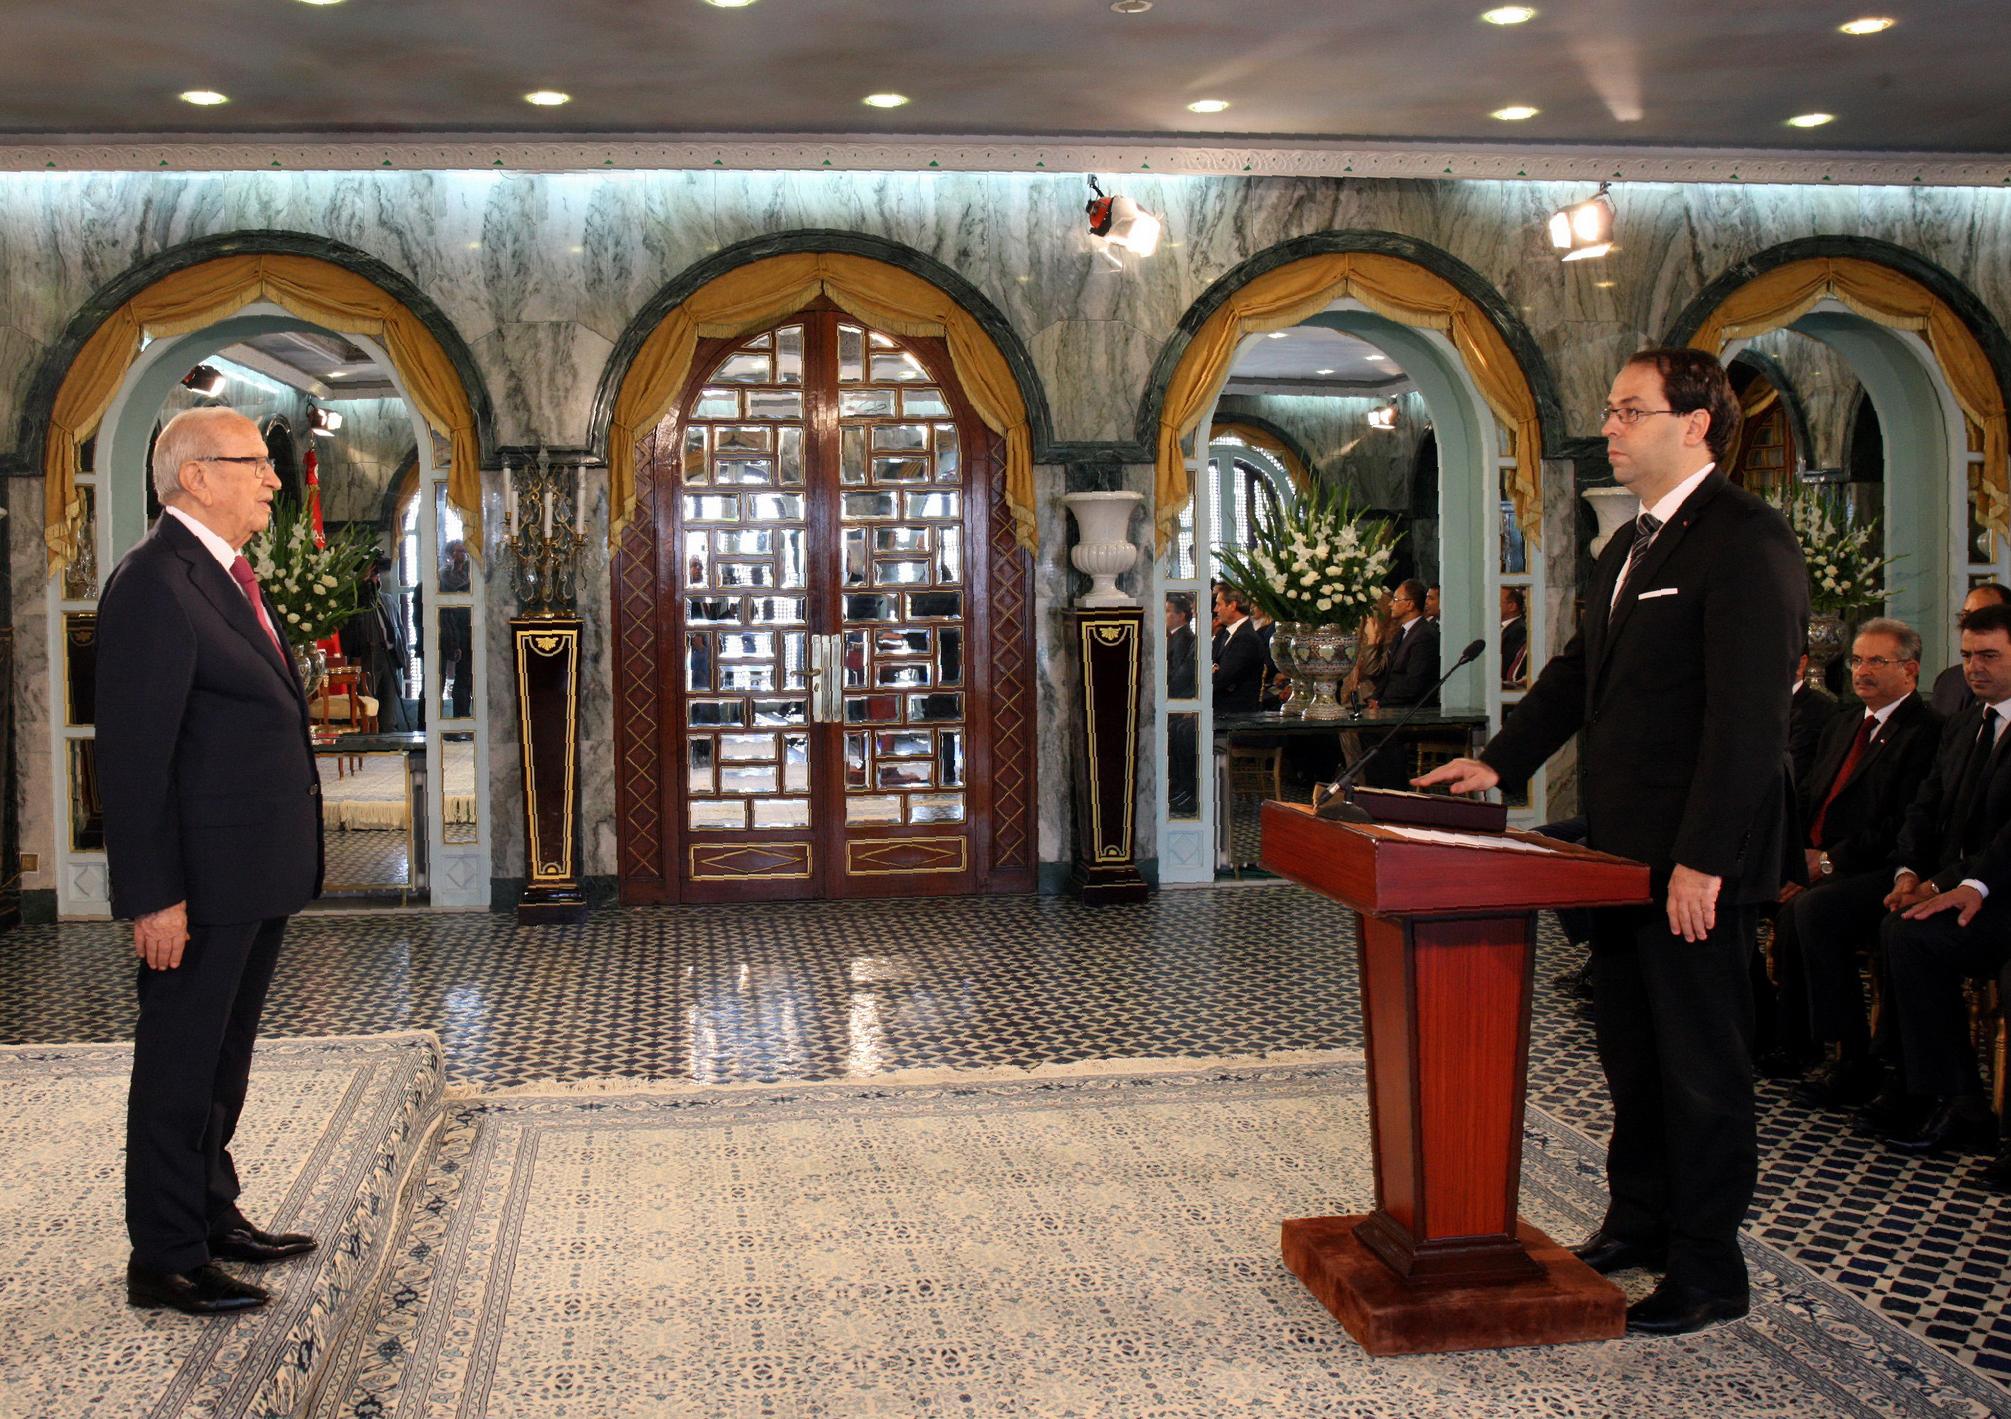 يوسف الشاهد يؤدي اليمين الدستوري أمام الرئيس باجي قايد السبسي - أرشيف